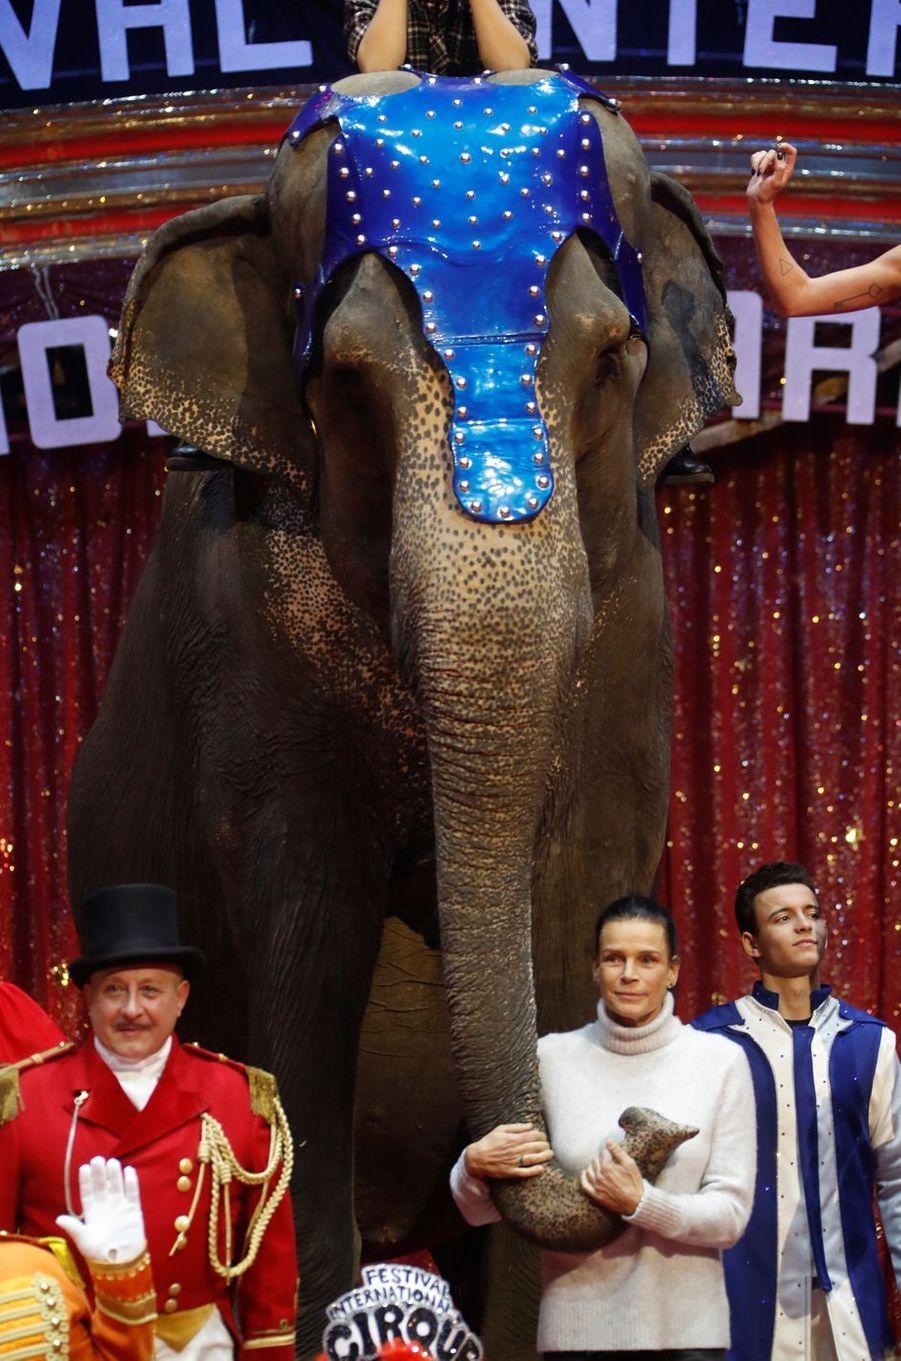 La princesse Stéphanie de Monaco lance le 43e Festival international du cirque de Monte-Carlo à Monaco, le 15 janvier 2019